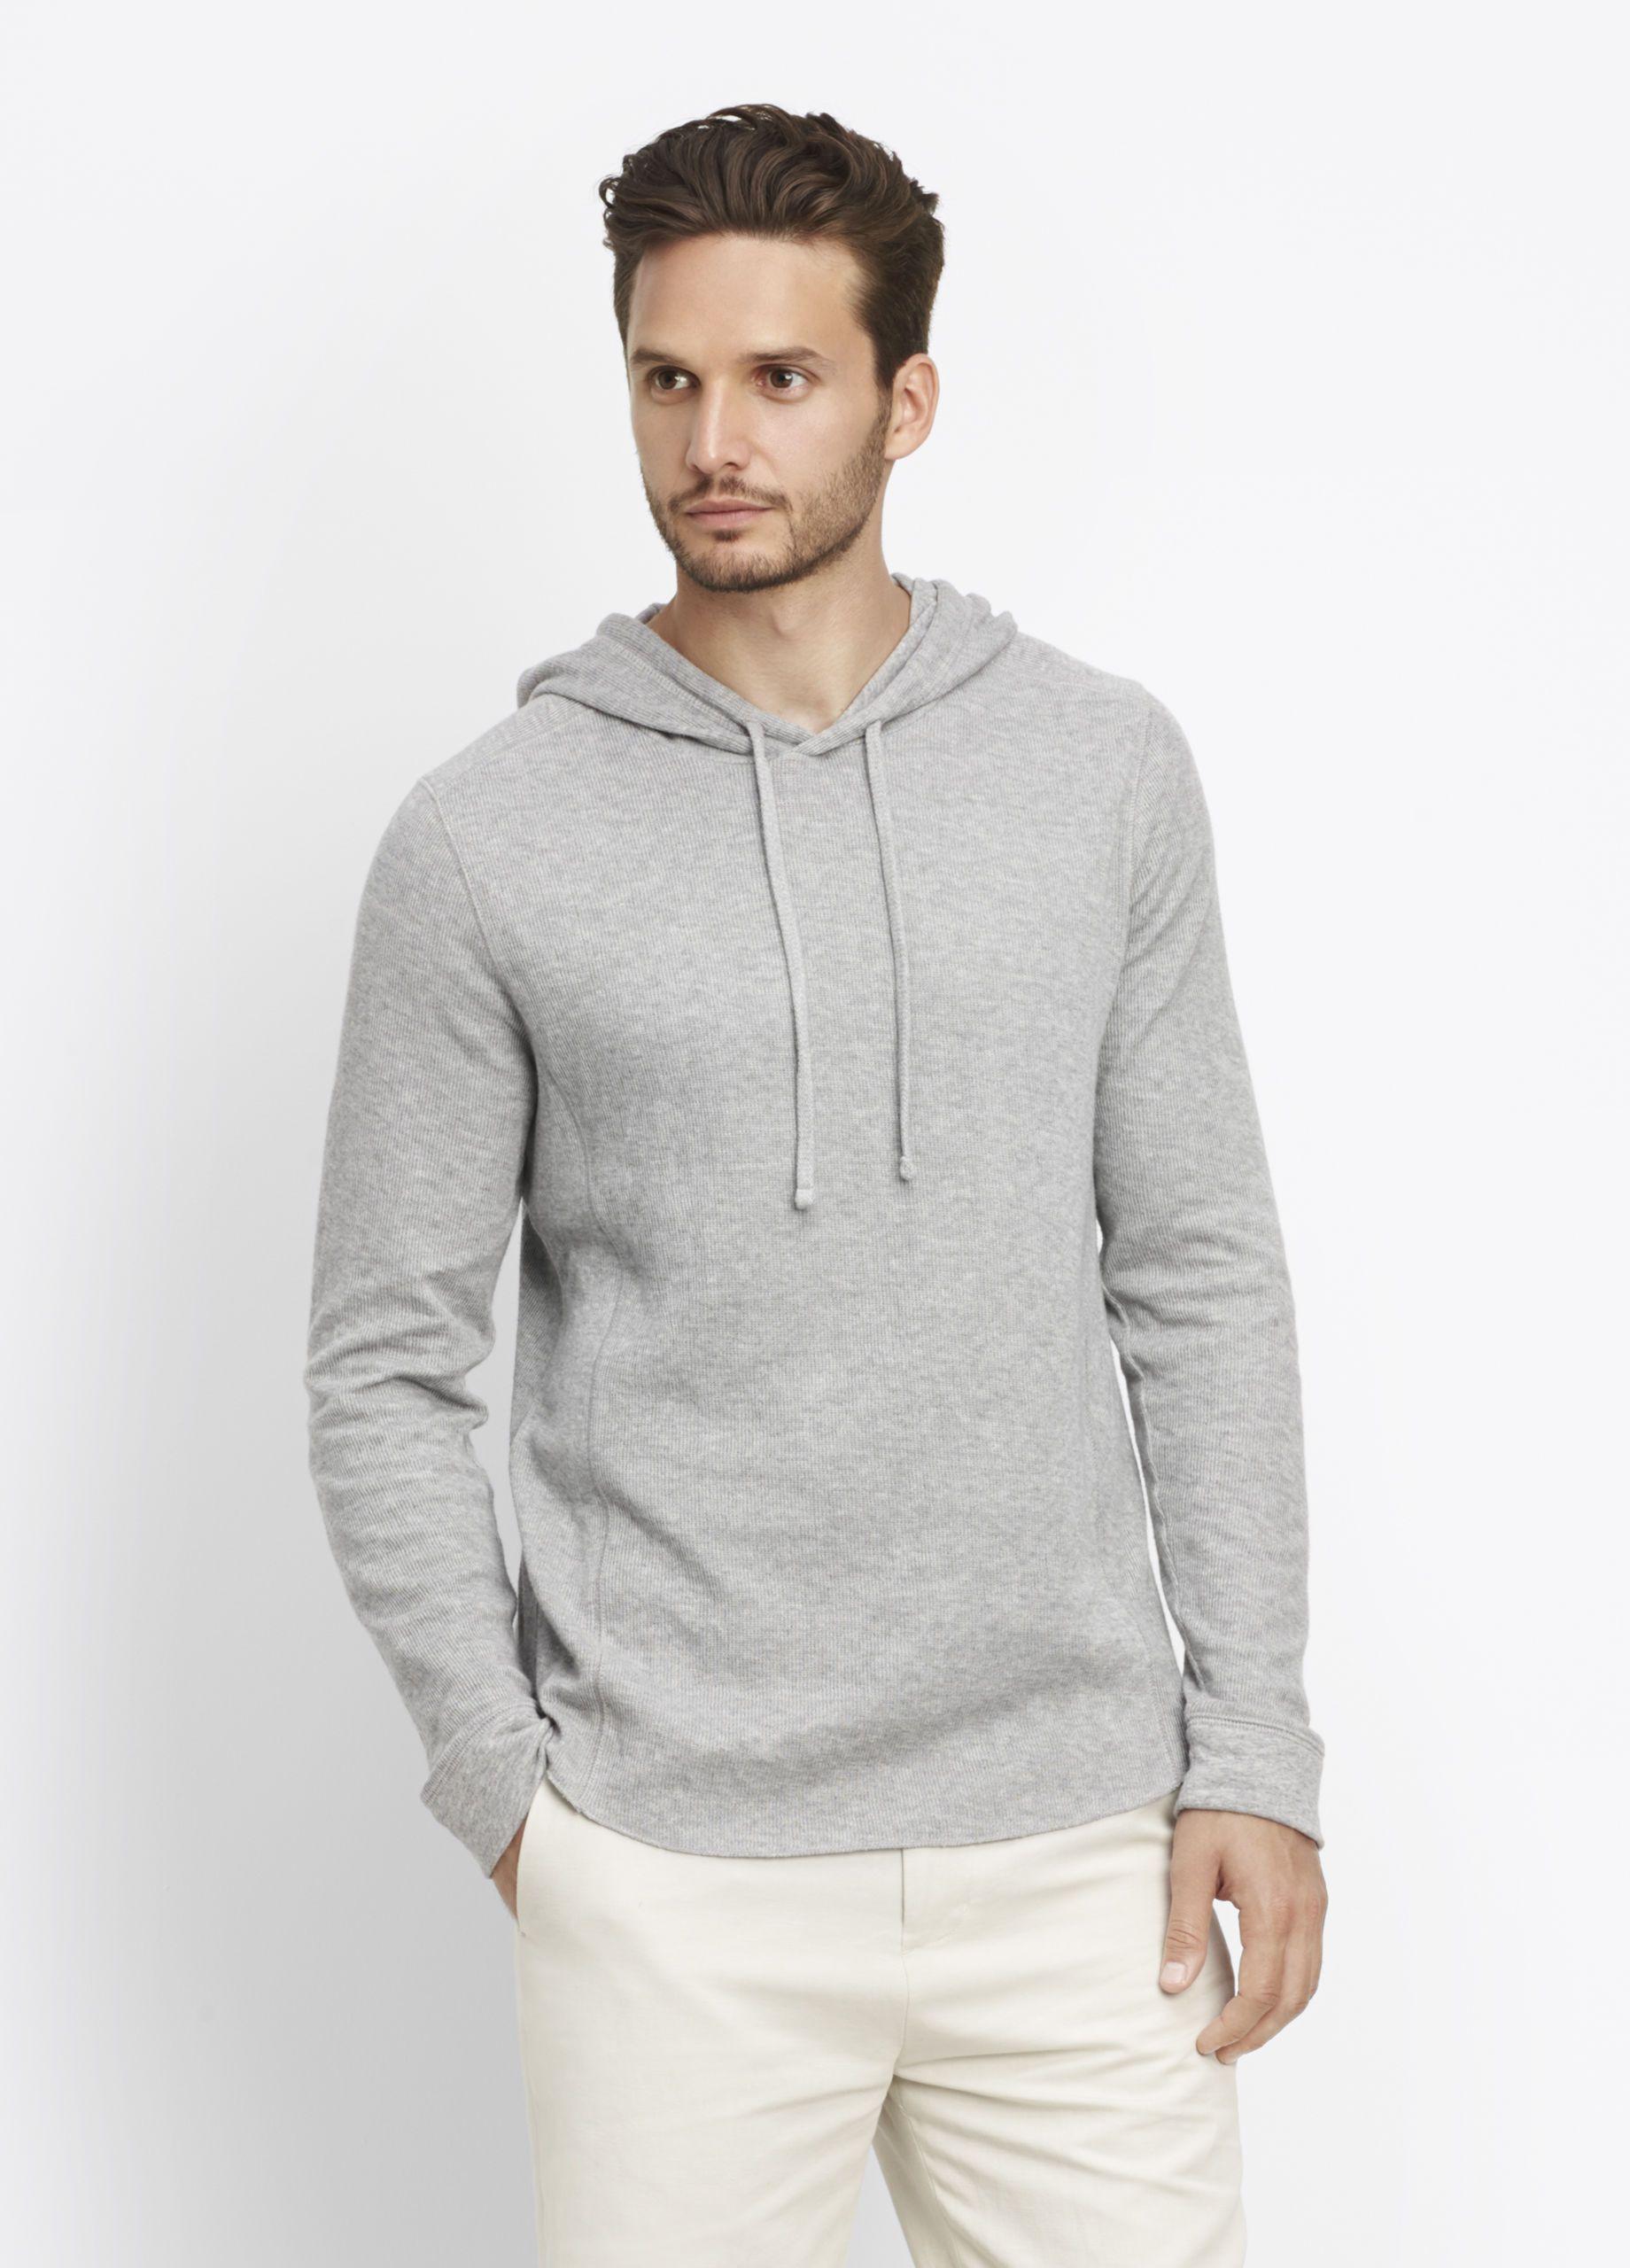 Raw Edge Hoodie For Men Vince Hoodies Mens Sweatshirts Hoodie Hoodies Men [ 2560 x 1840 Pixel ]